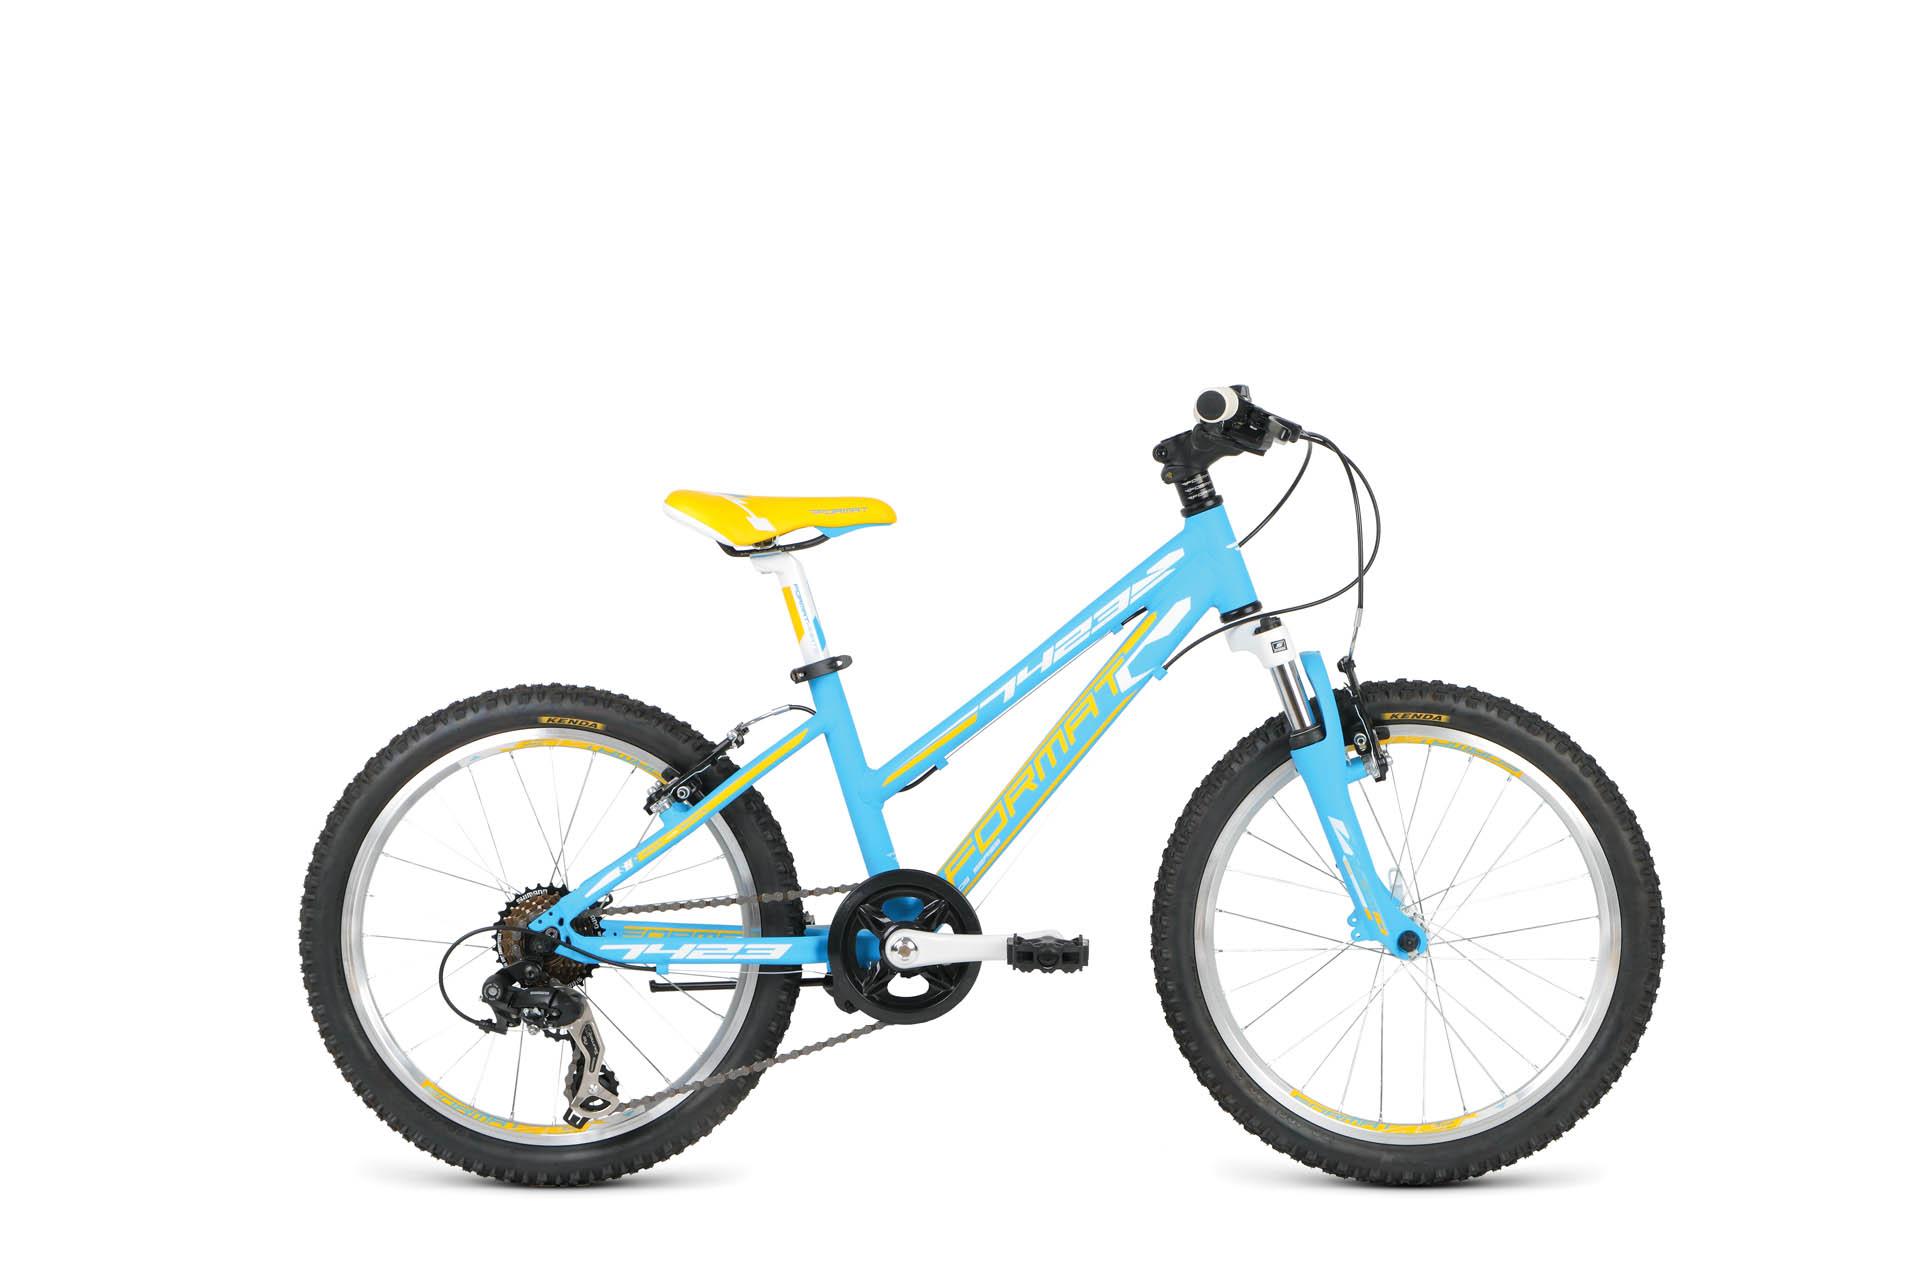 красивая, купить велосипед в пределах 6 тысяч была